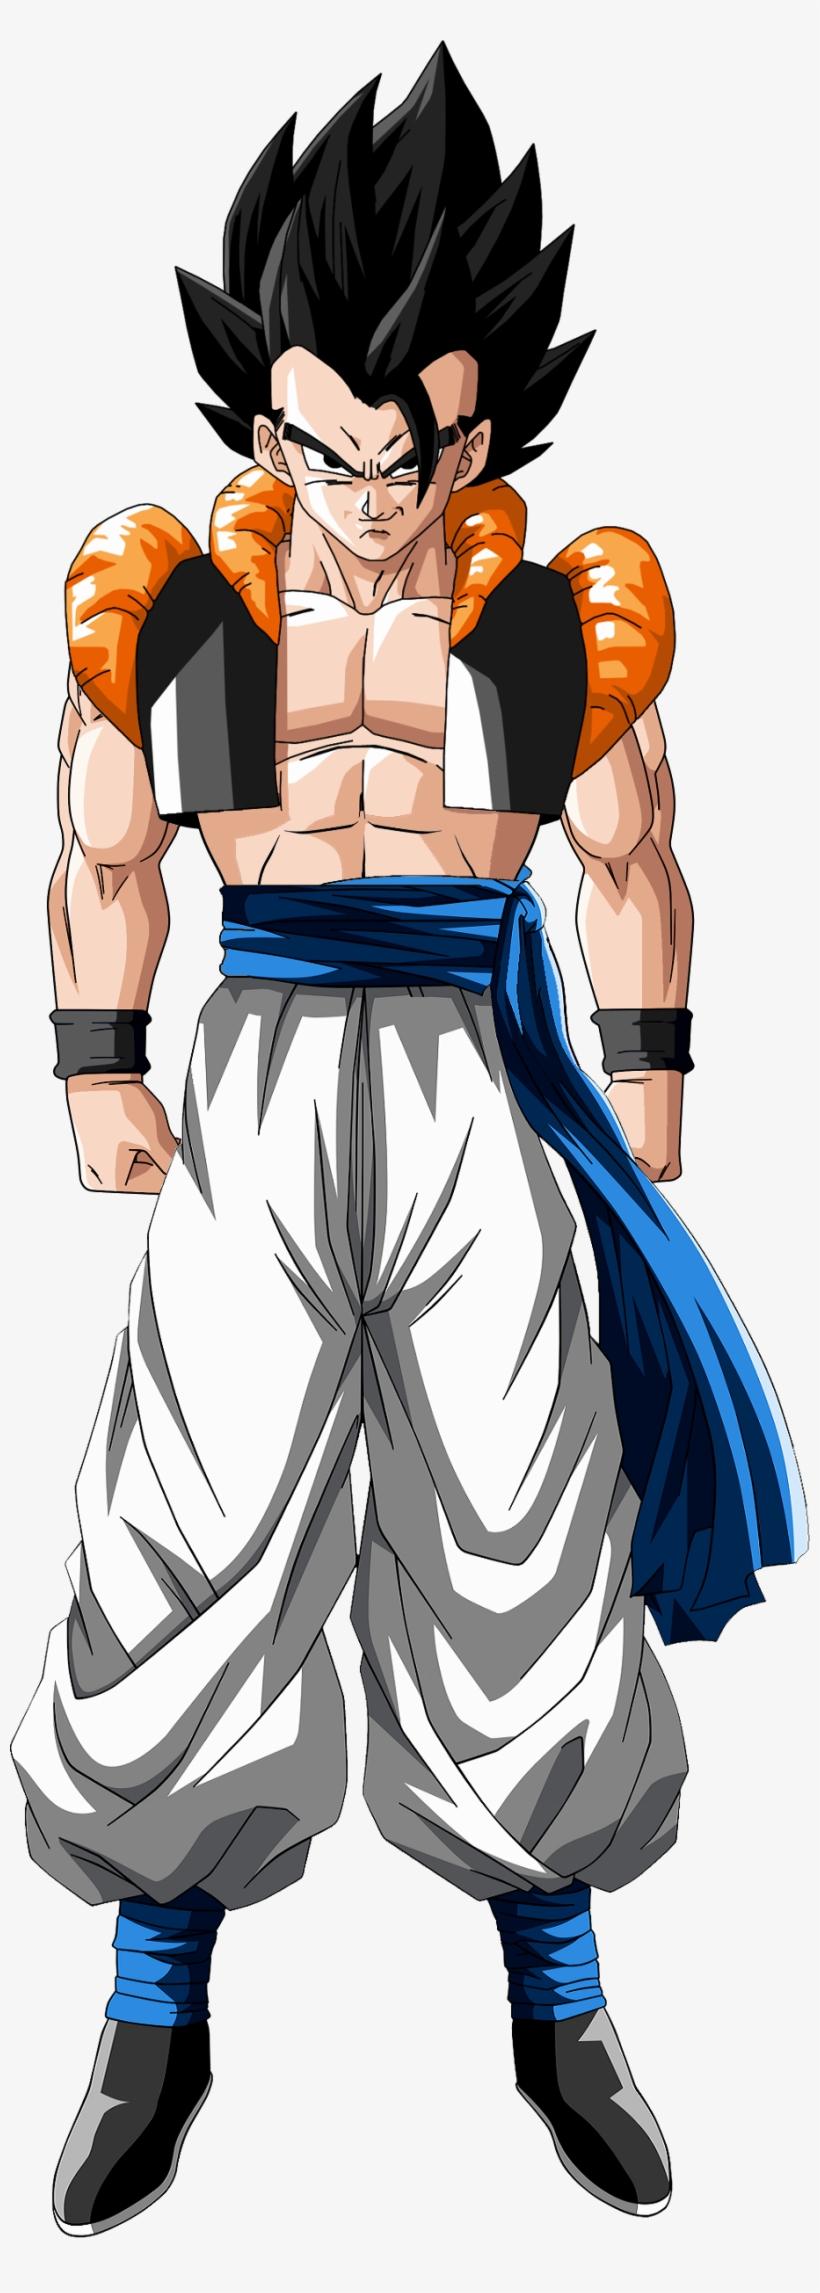 Gogeta 1a Fusion De Goku Y Vegeta - Gogeta Ssj PNG Image | Transparent PNG  Free Download on SeekPNG